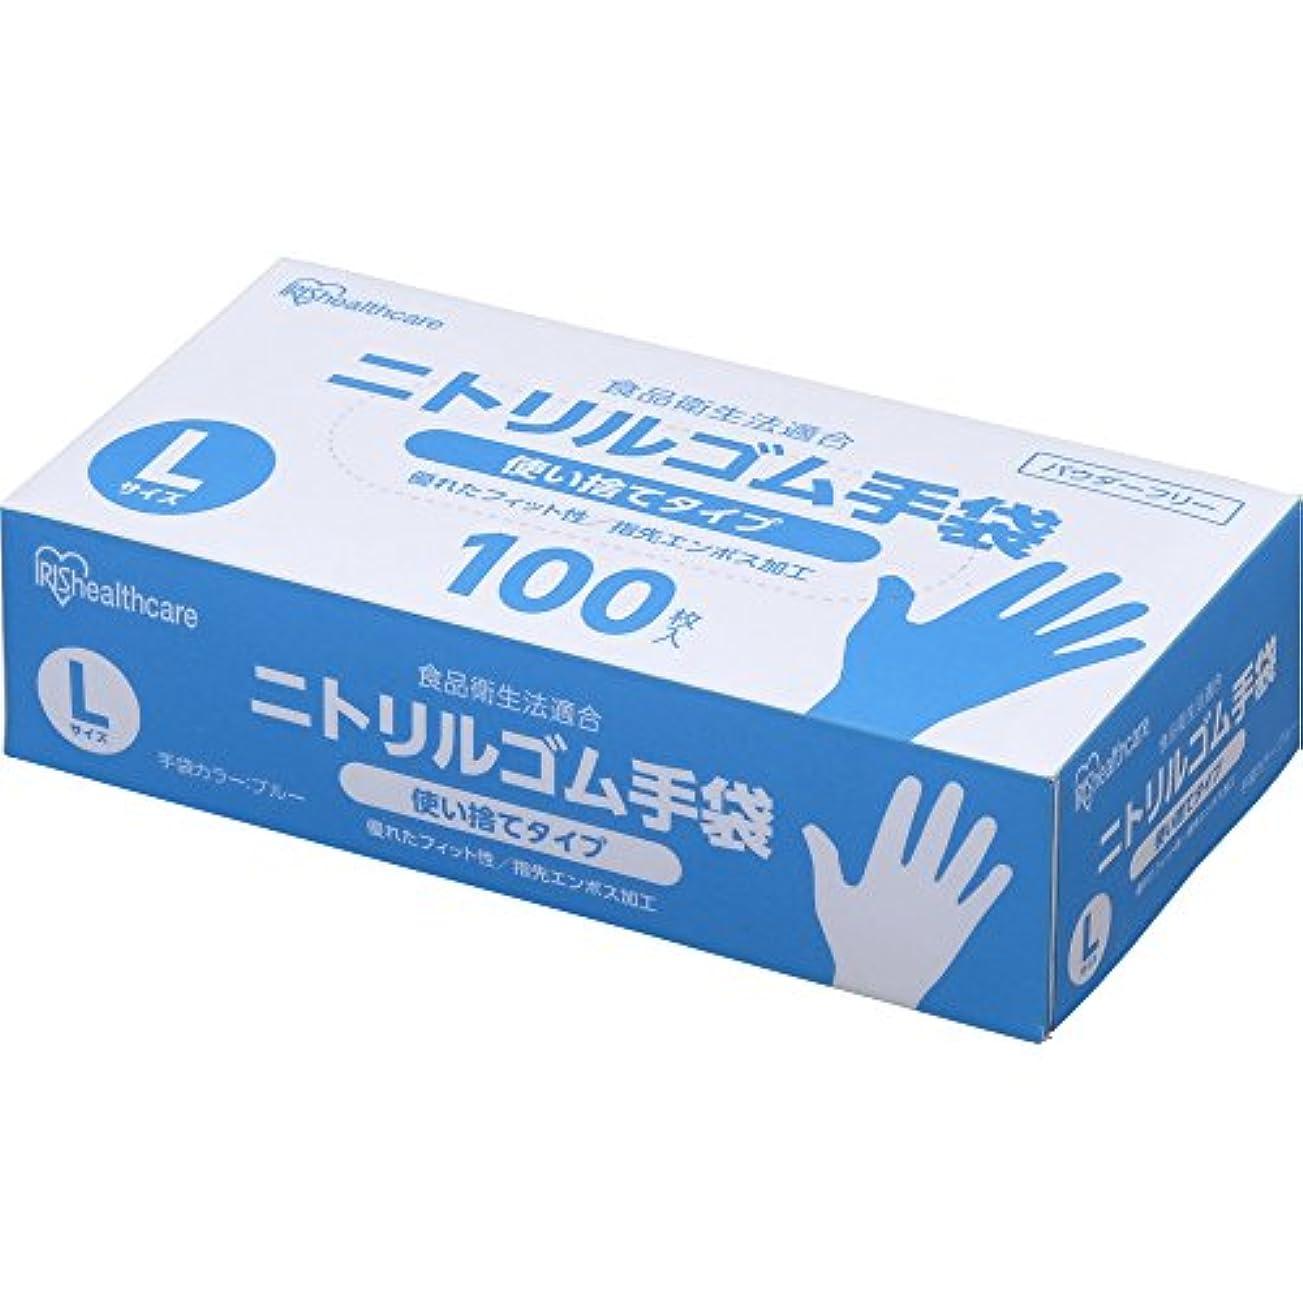 コイン昆虫を見る宴会アイリスオーヤマ 使い捨て手袋 ブルー ニトリルゴム 100枚 Lサイズ 業務用